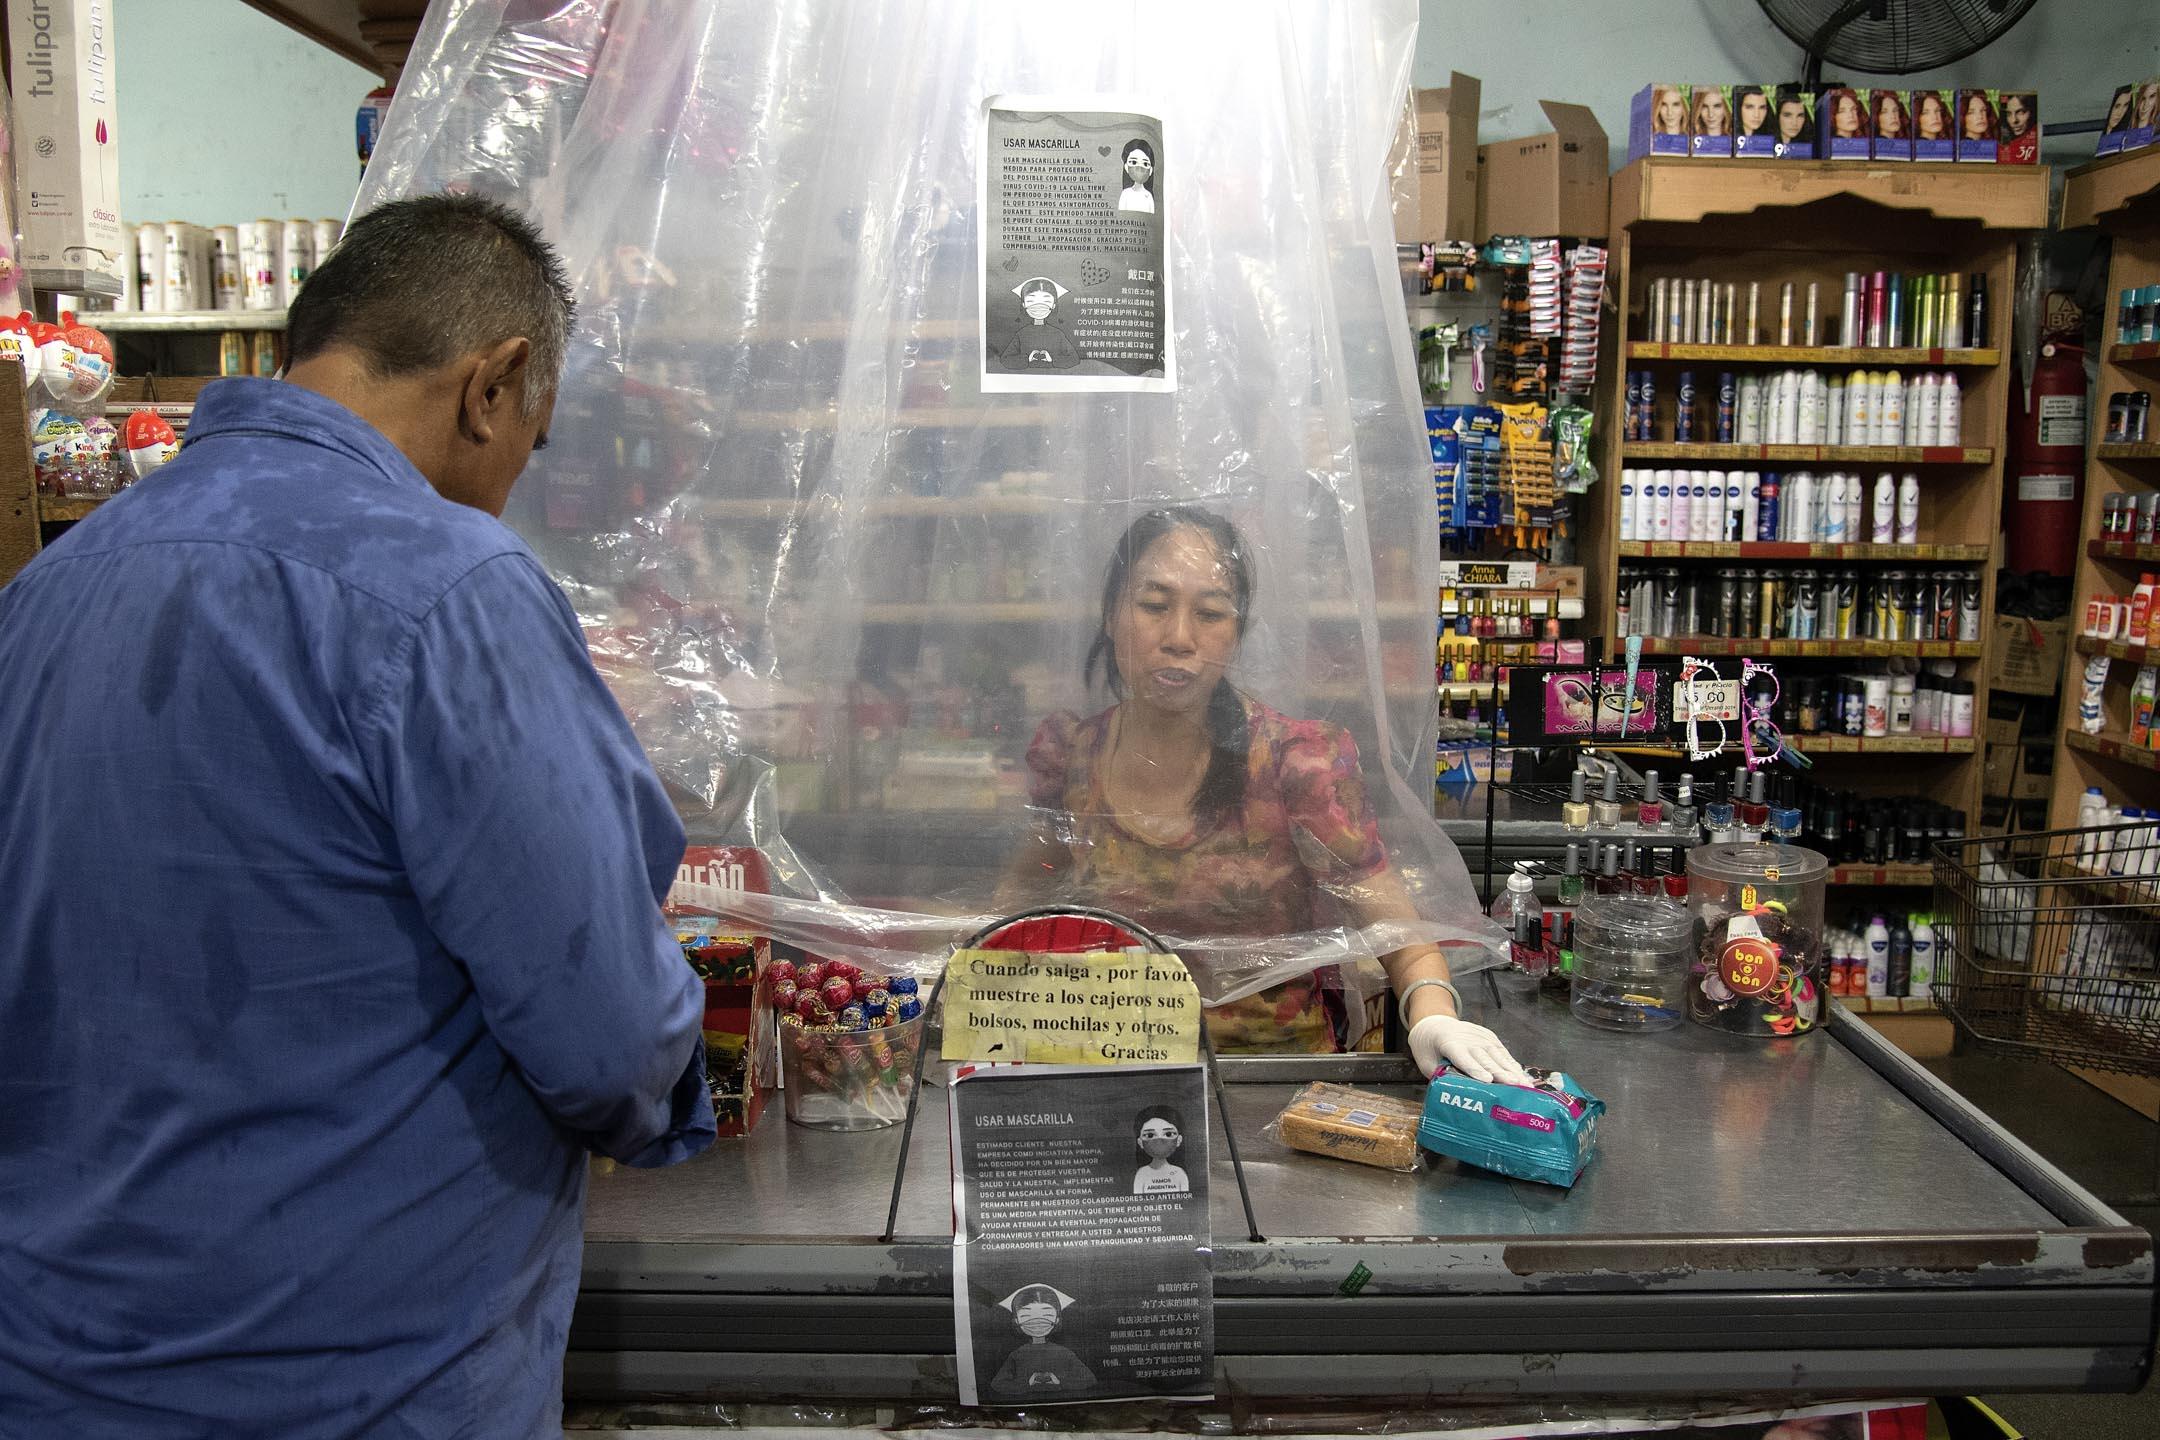 2020年3月14日,阿根庭的一家超市內,售貨員隔著膠簾工作。 攝: Lalo Yasky/Getty Images